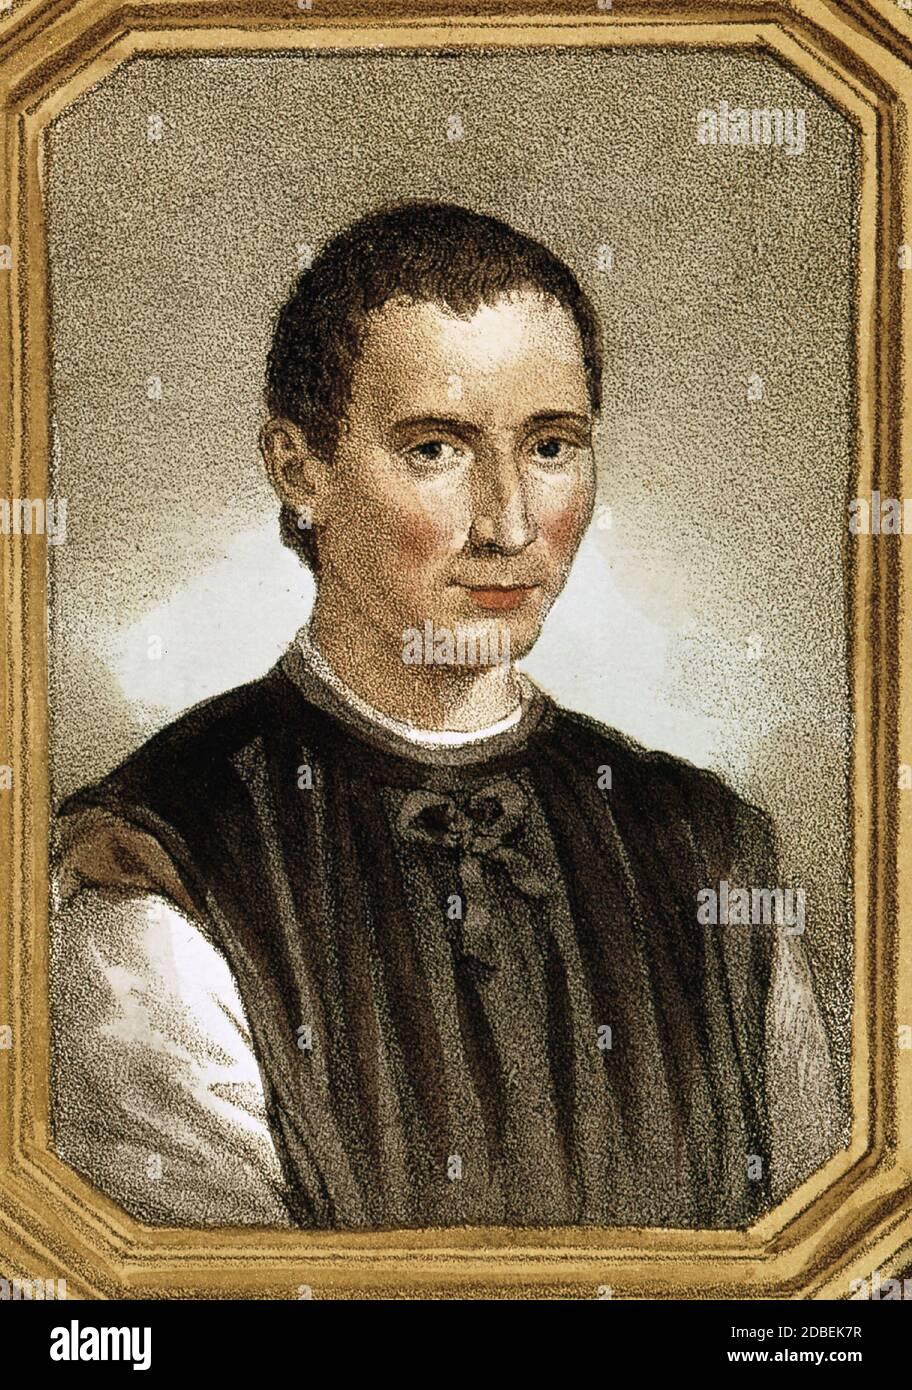 Portrait Of Niccolò Machiavelli Stockfotos und -bilder Kaufen - Alamy